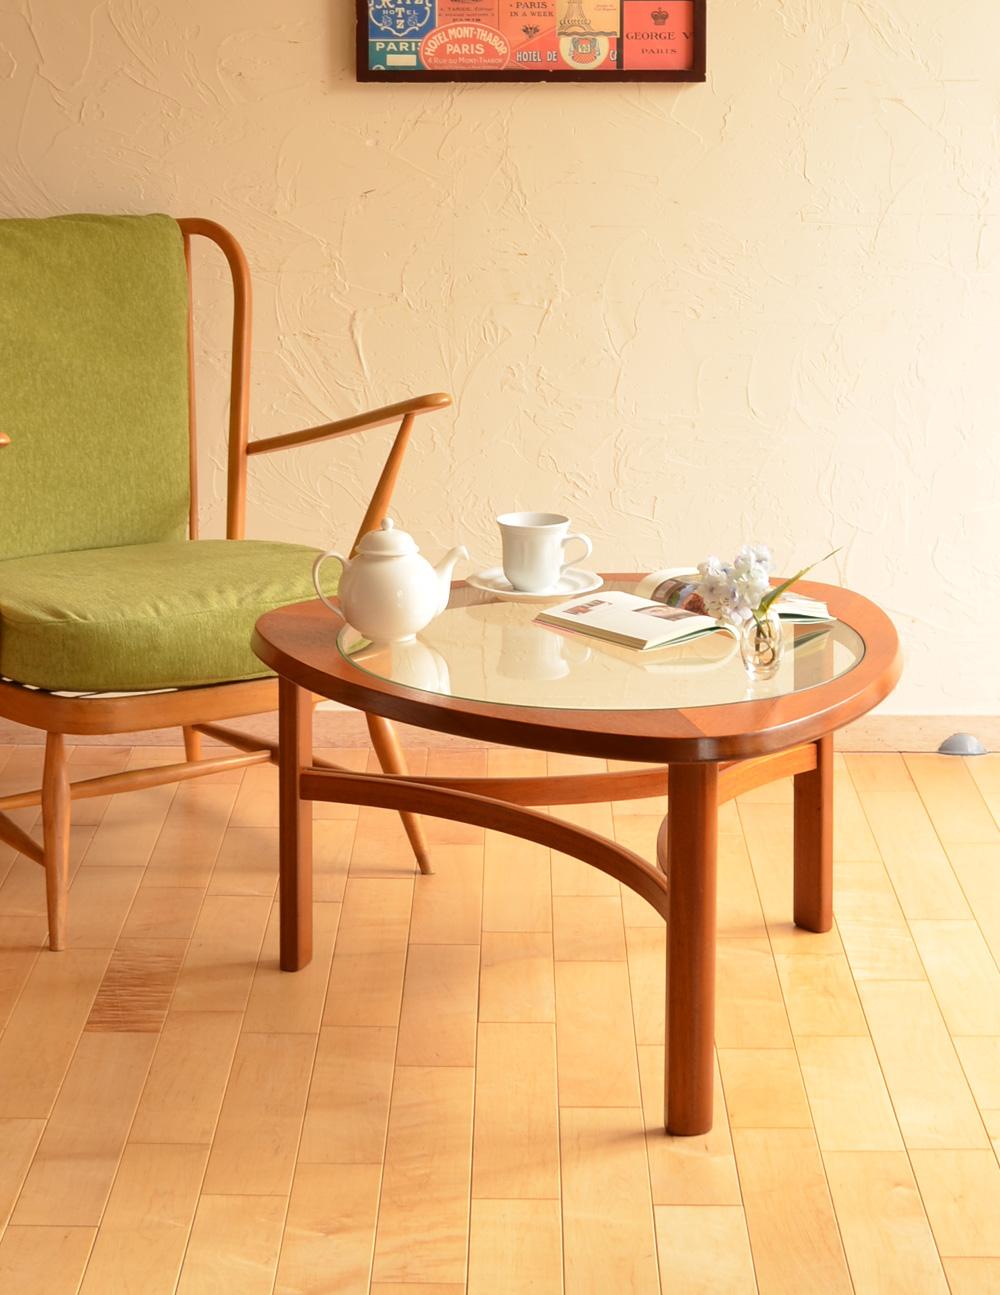 落ち着きのあるお部屋を演出♡北欧風コーヒーテーブル9点のまとめ♡のサムネイル画像